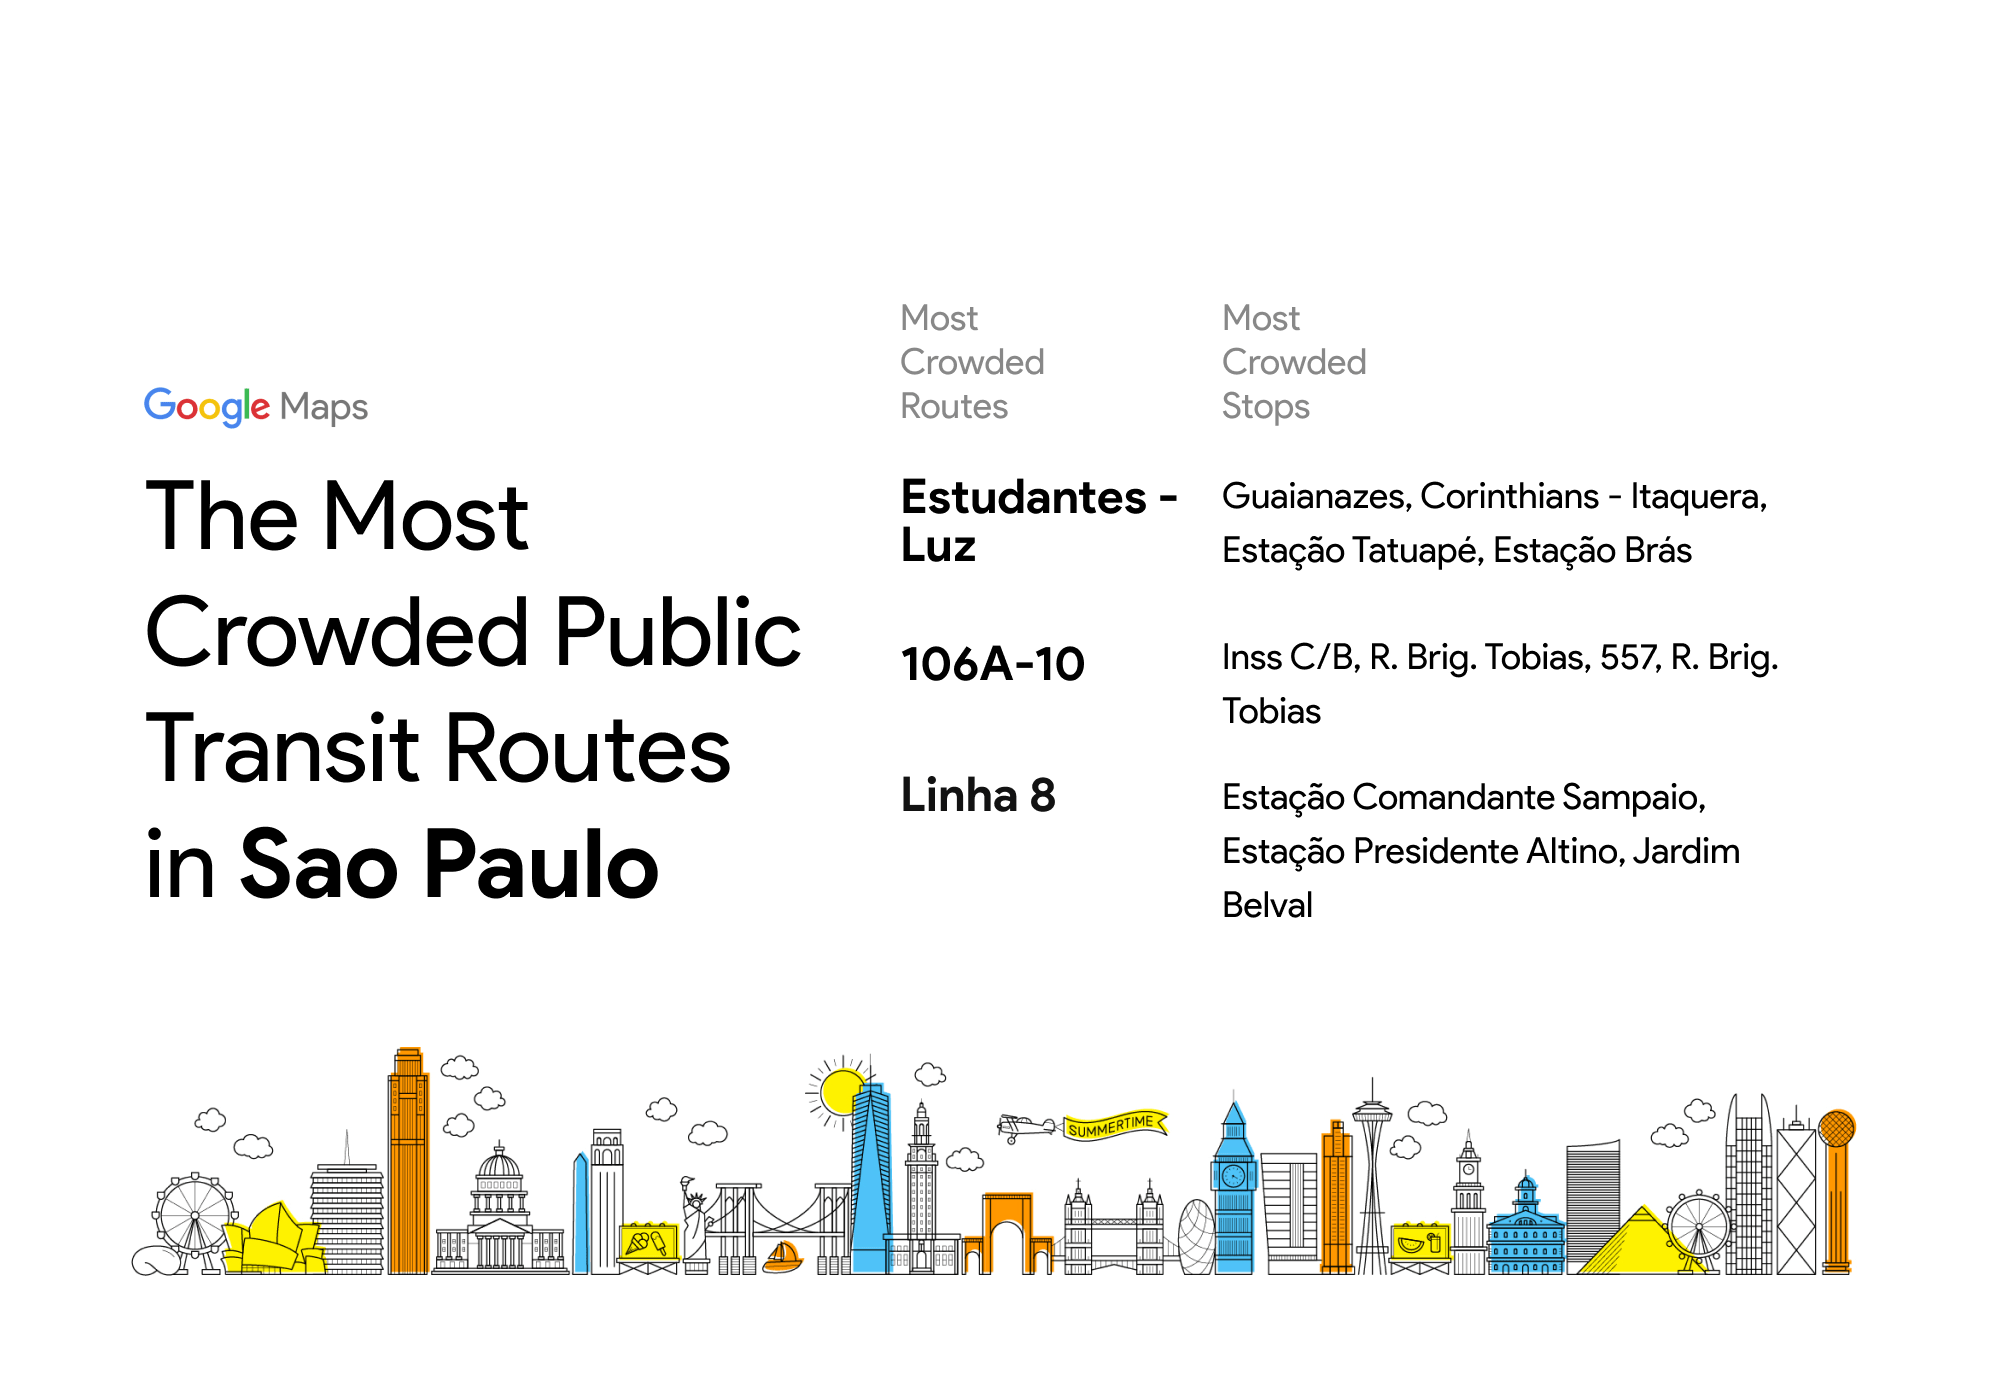 Rotas de transporte público mais lotadas de São Paulo, segundo o Google